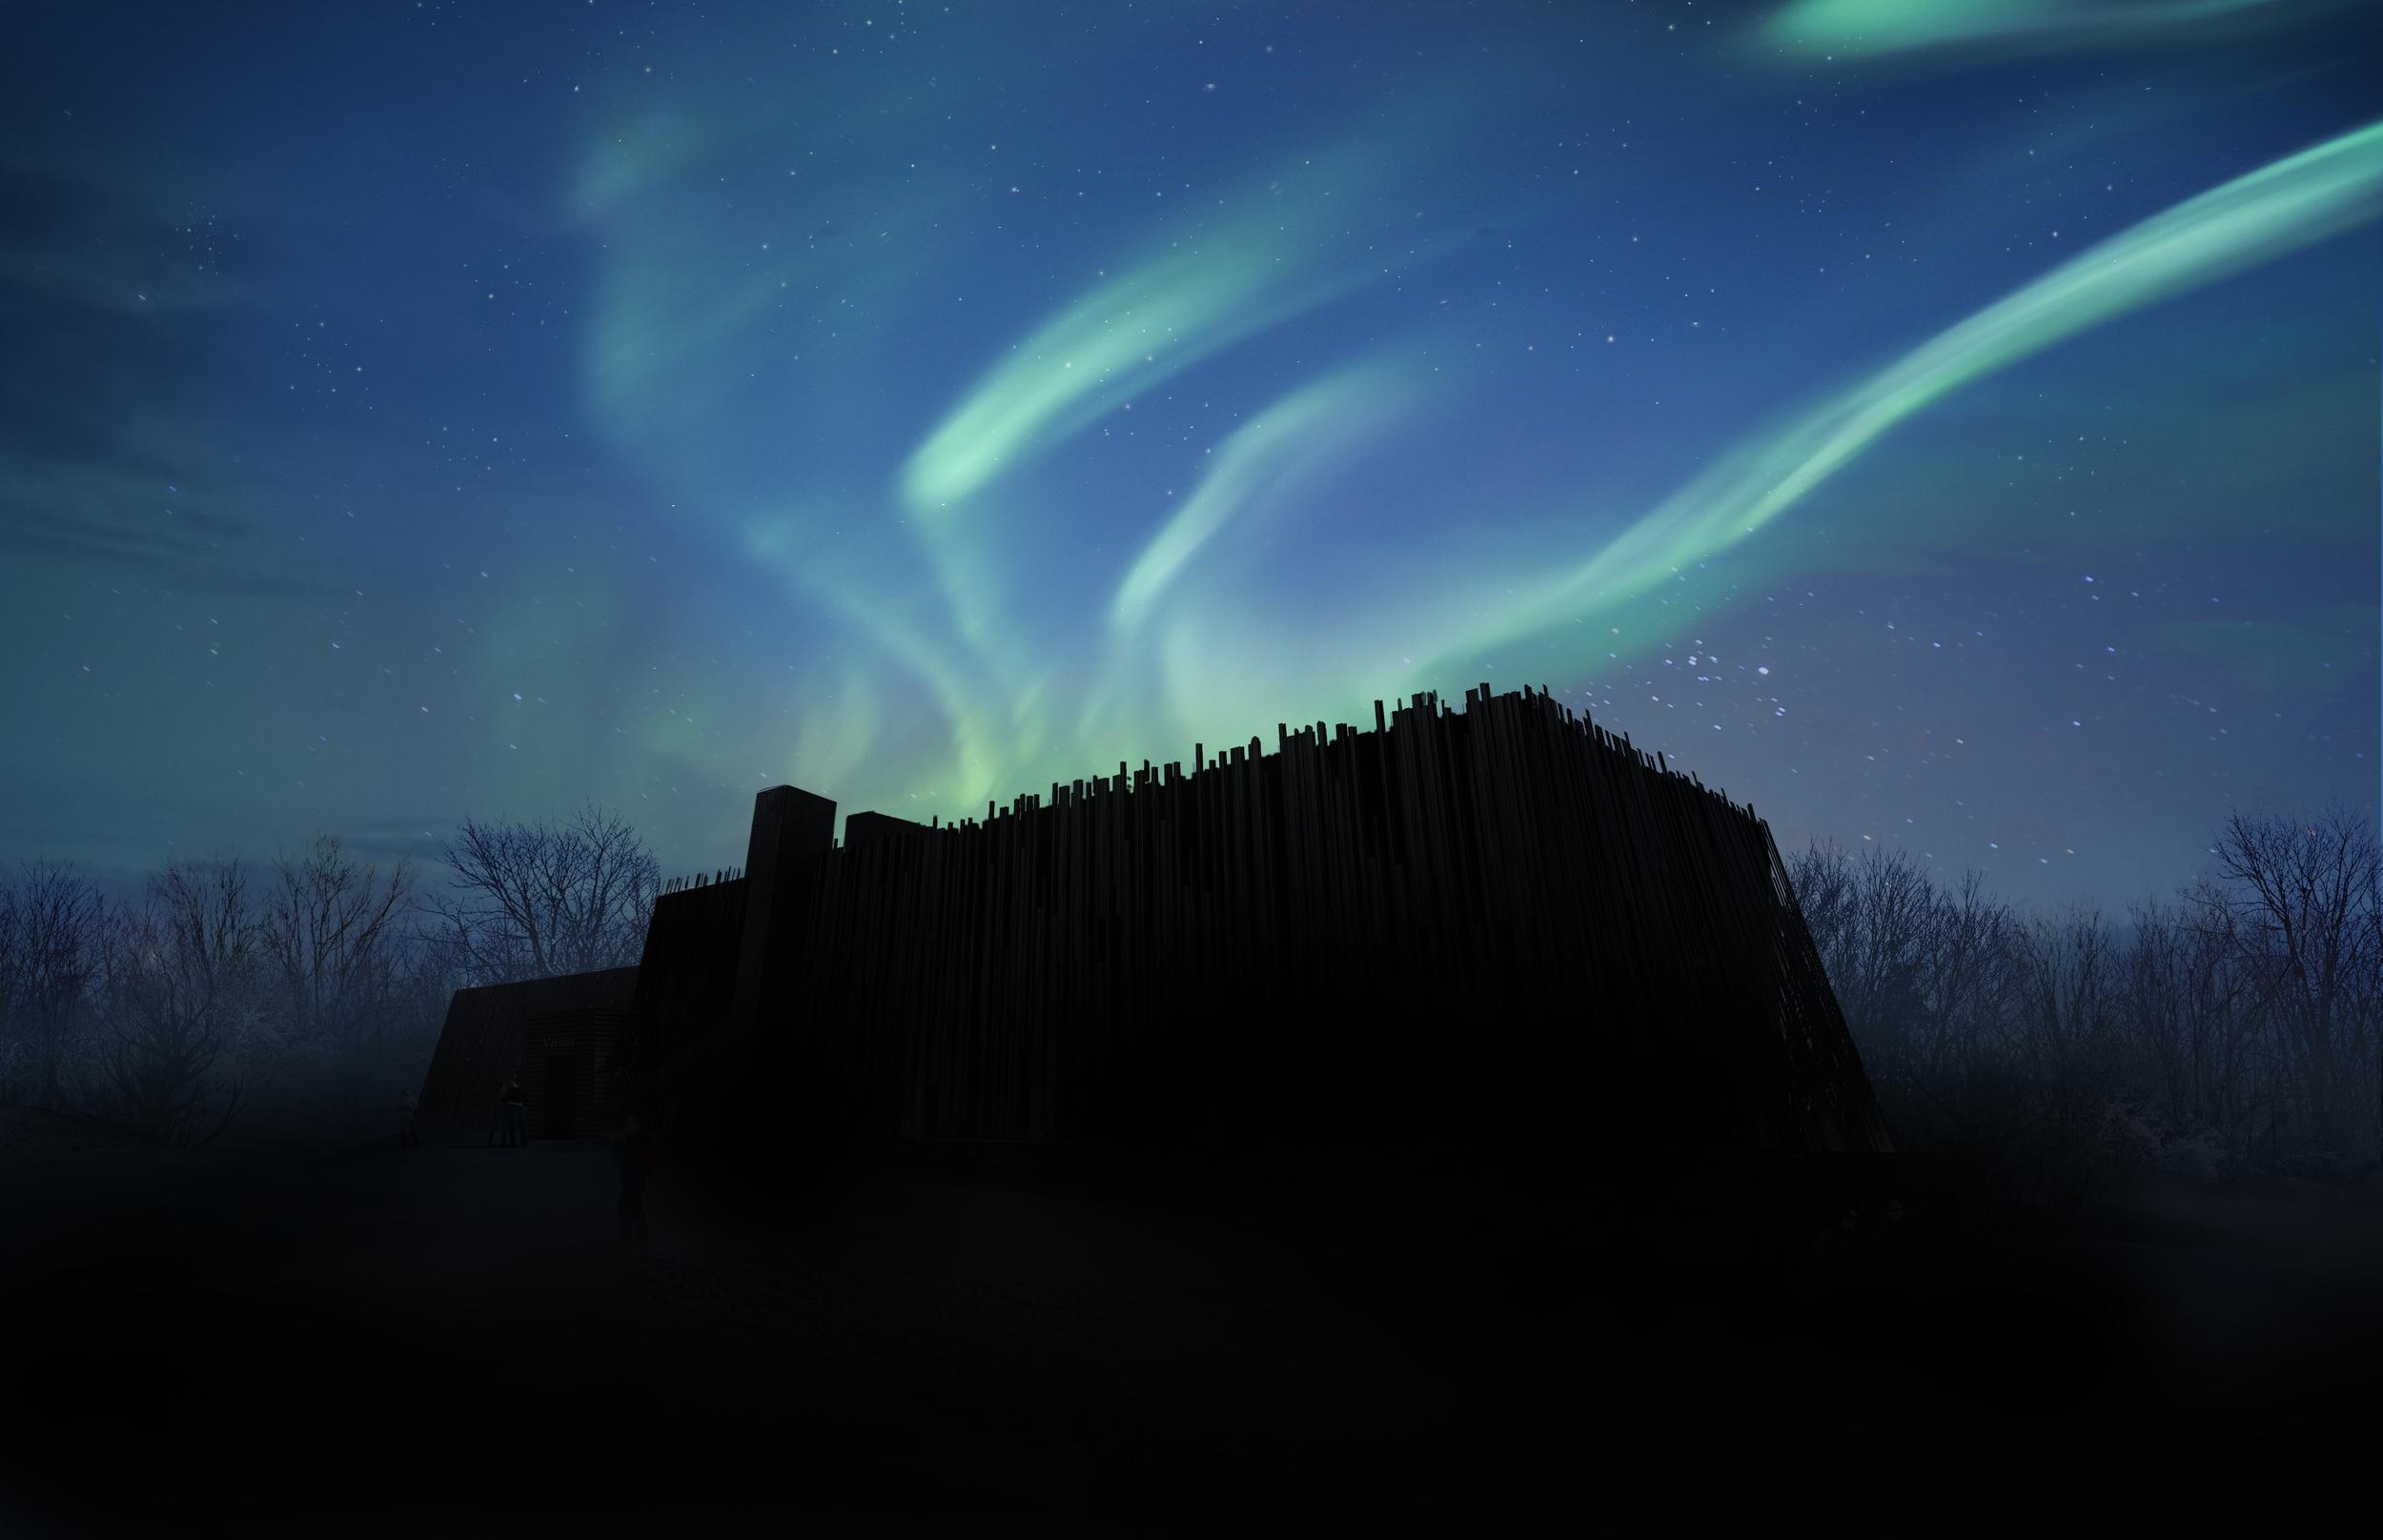 02 varde_utside_dark_aurora.jpg